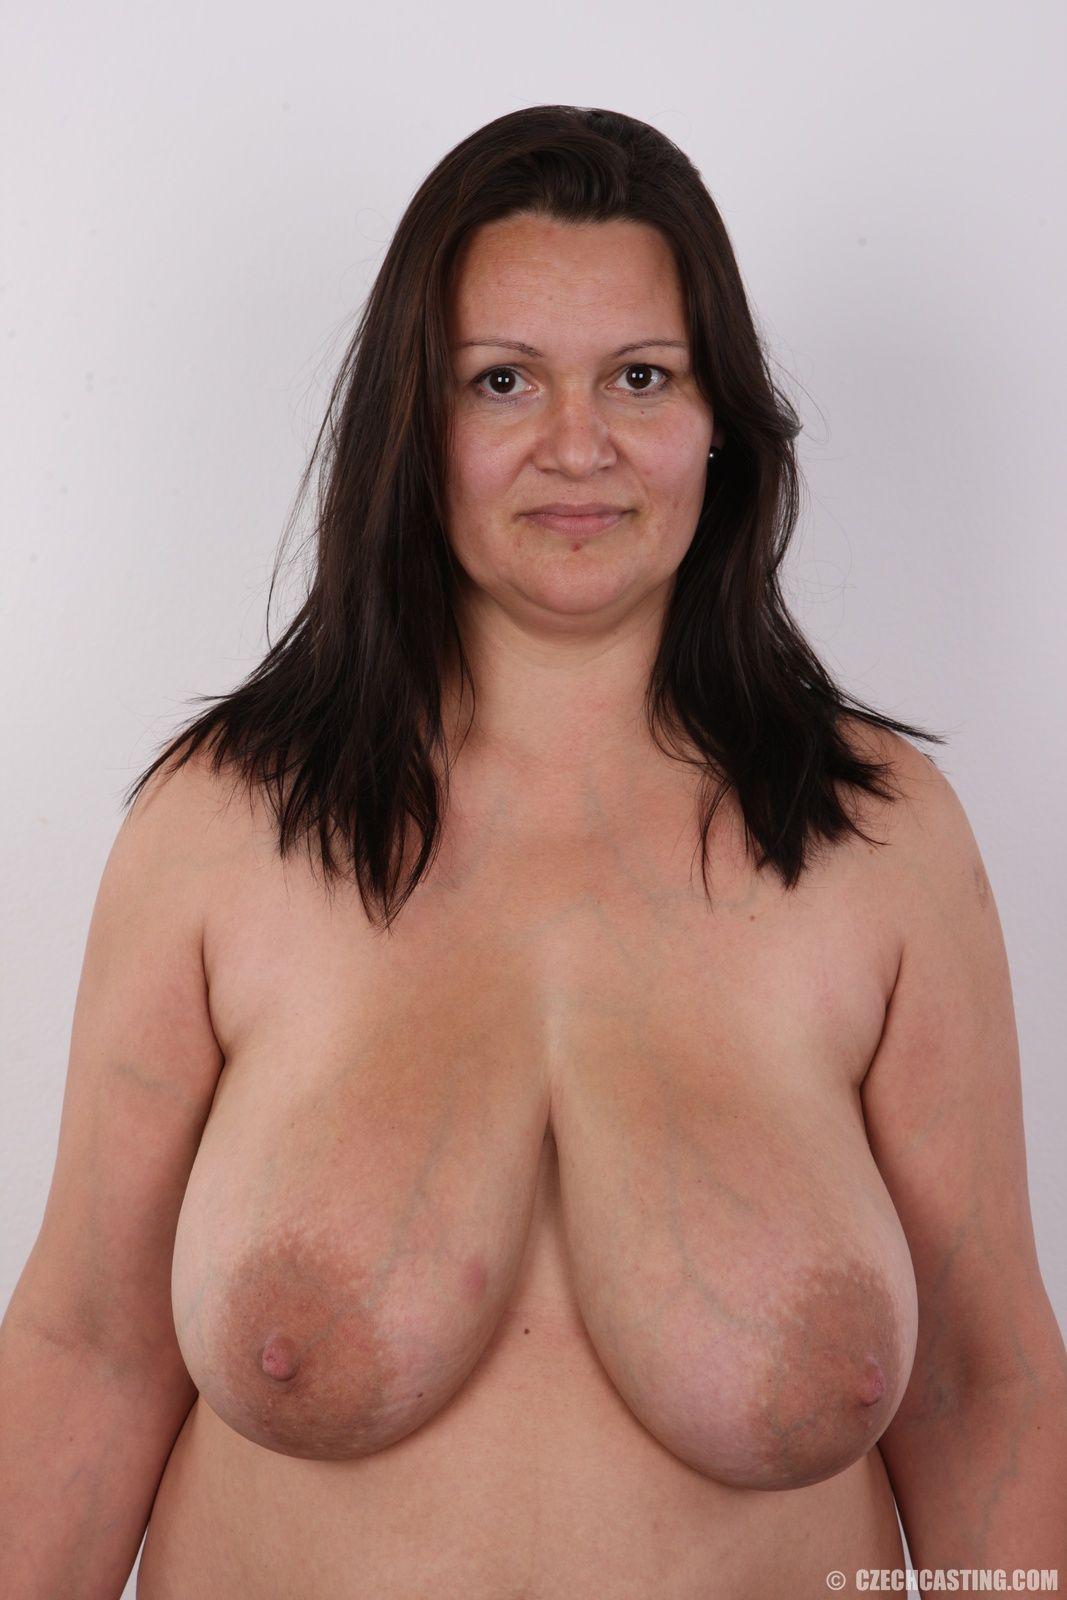 laos porn girl photo